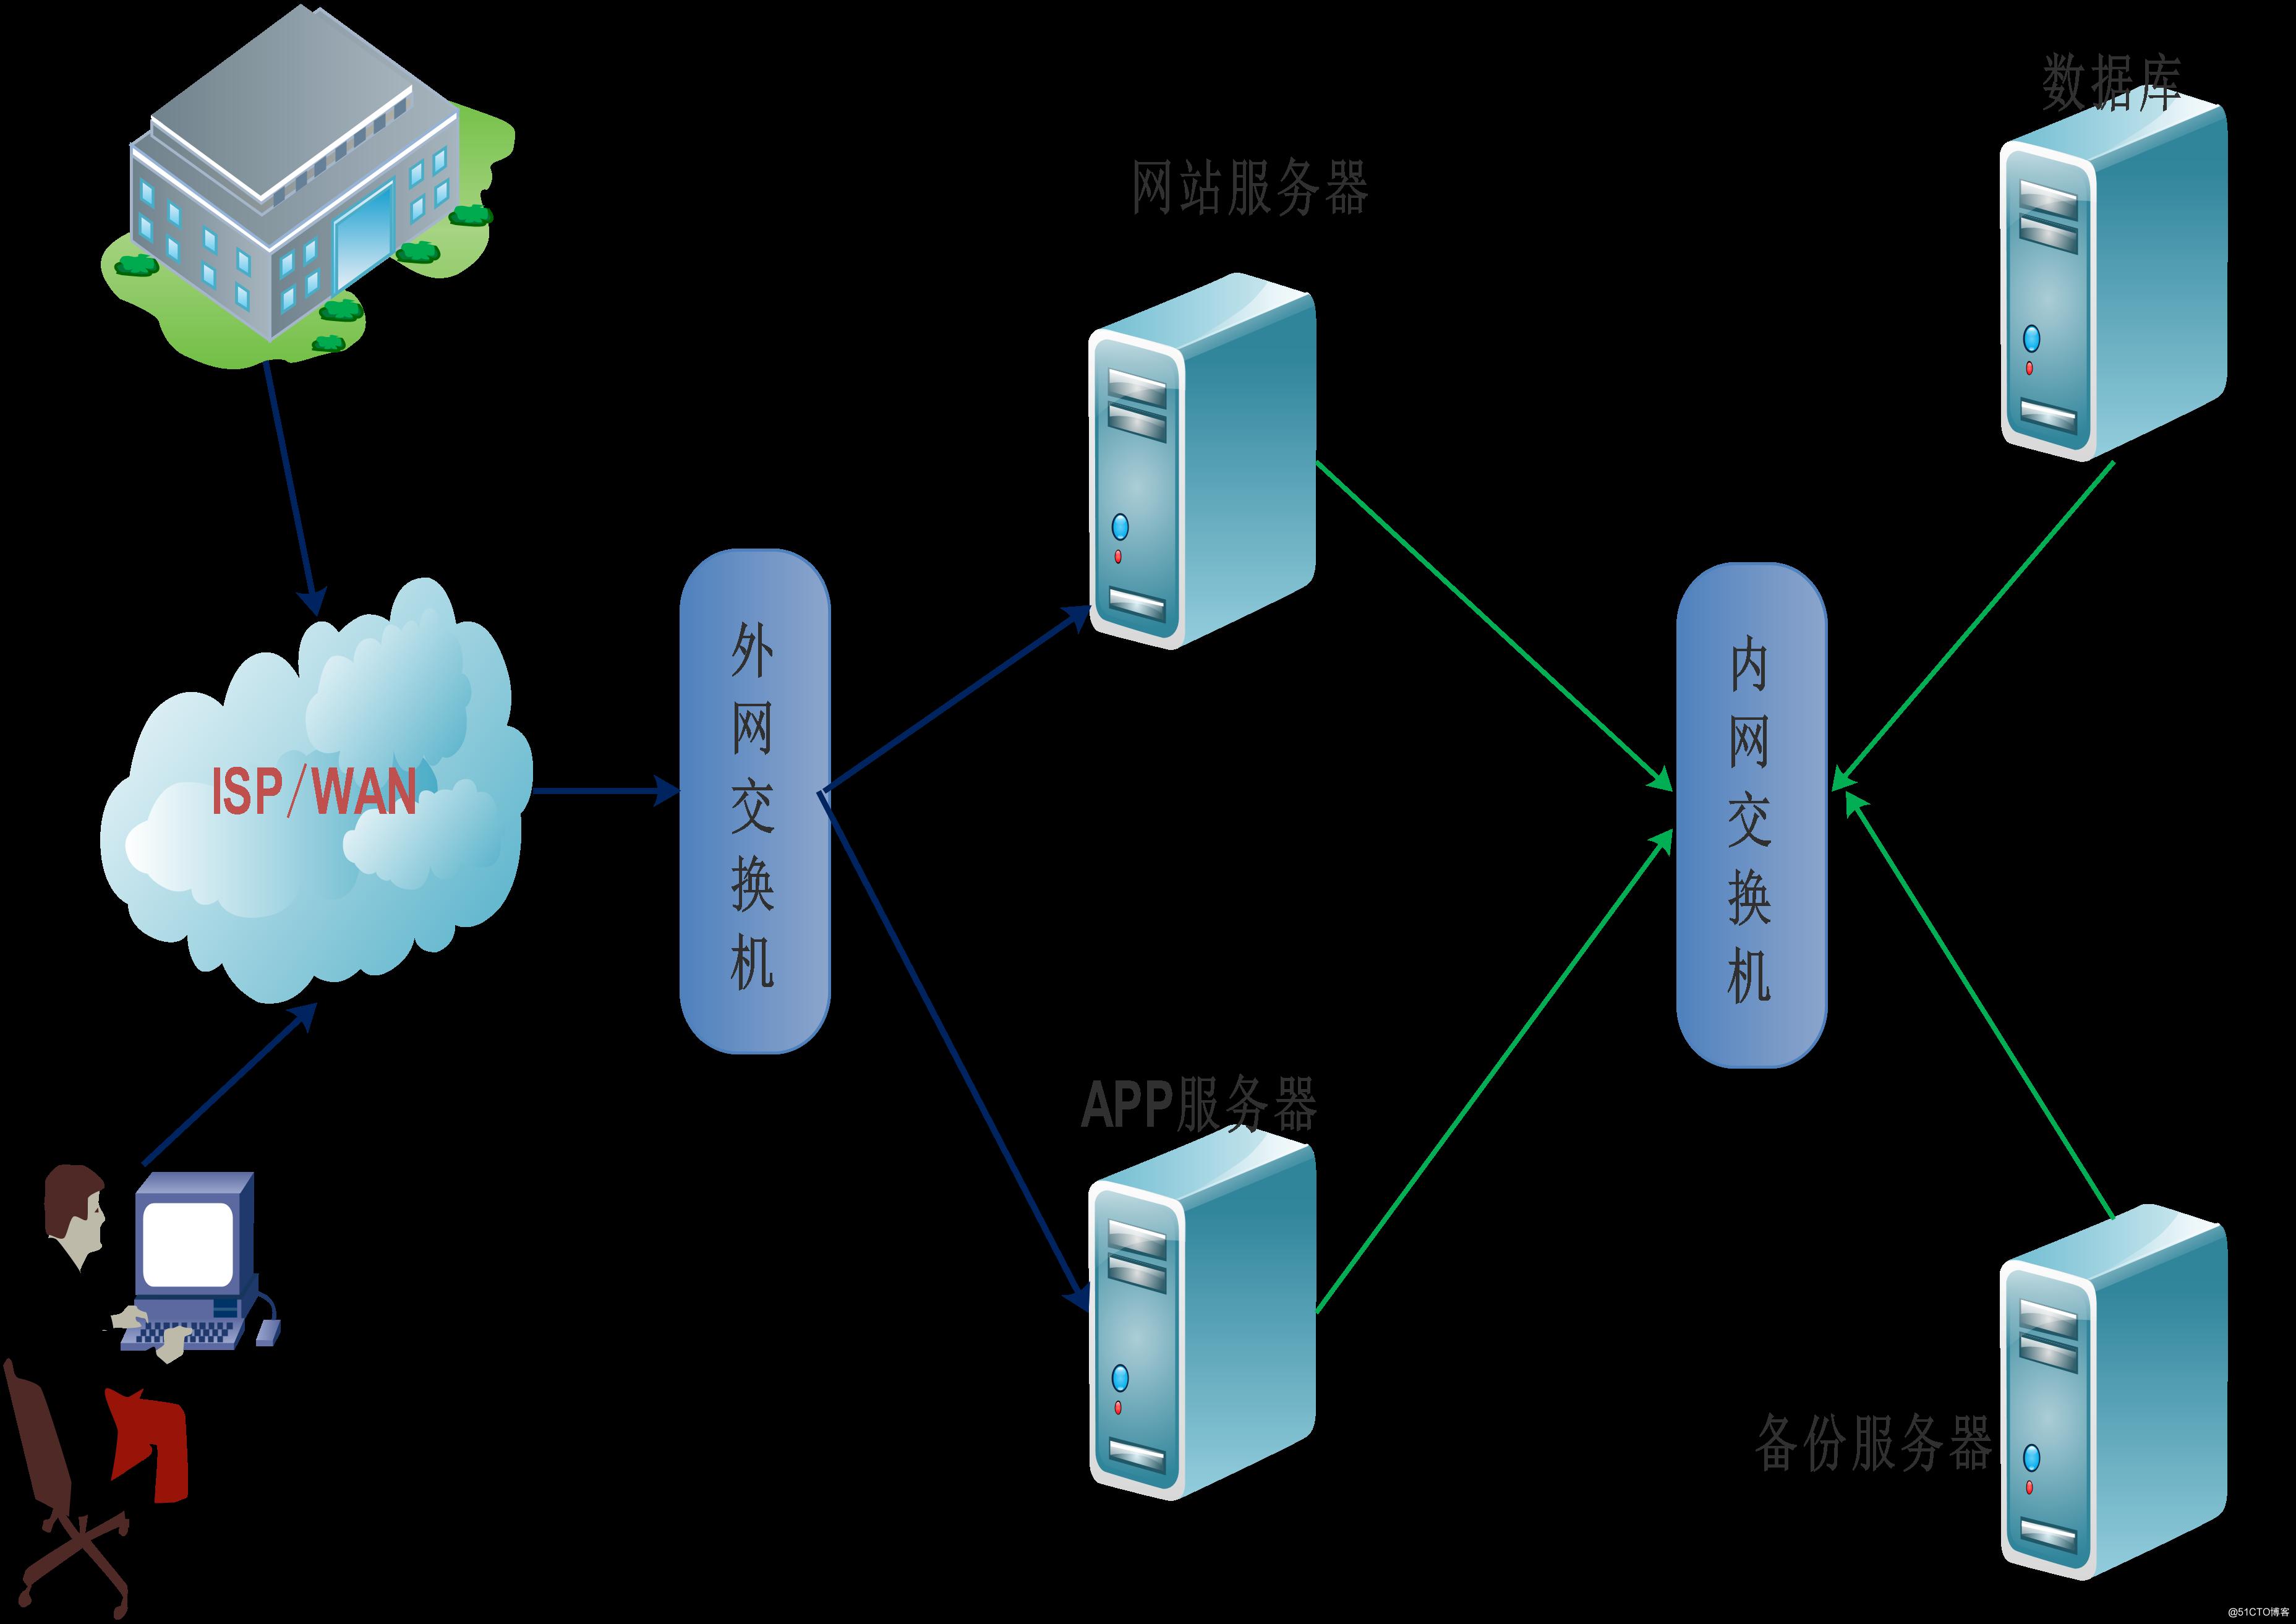 高性能、高可用平台架构演变史